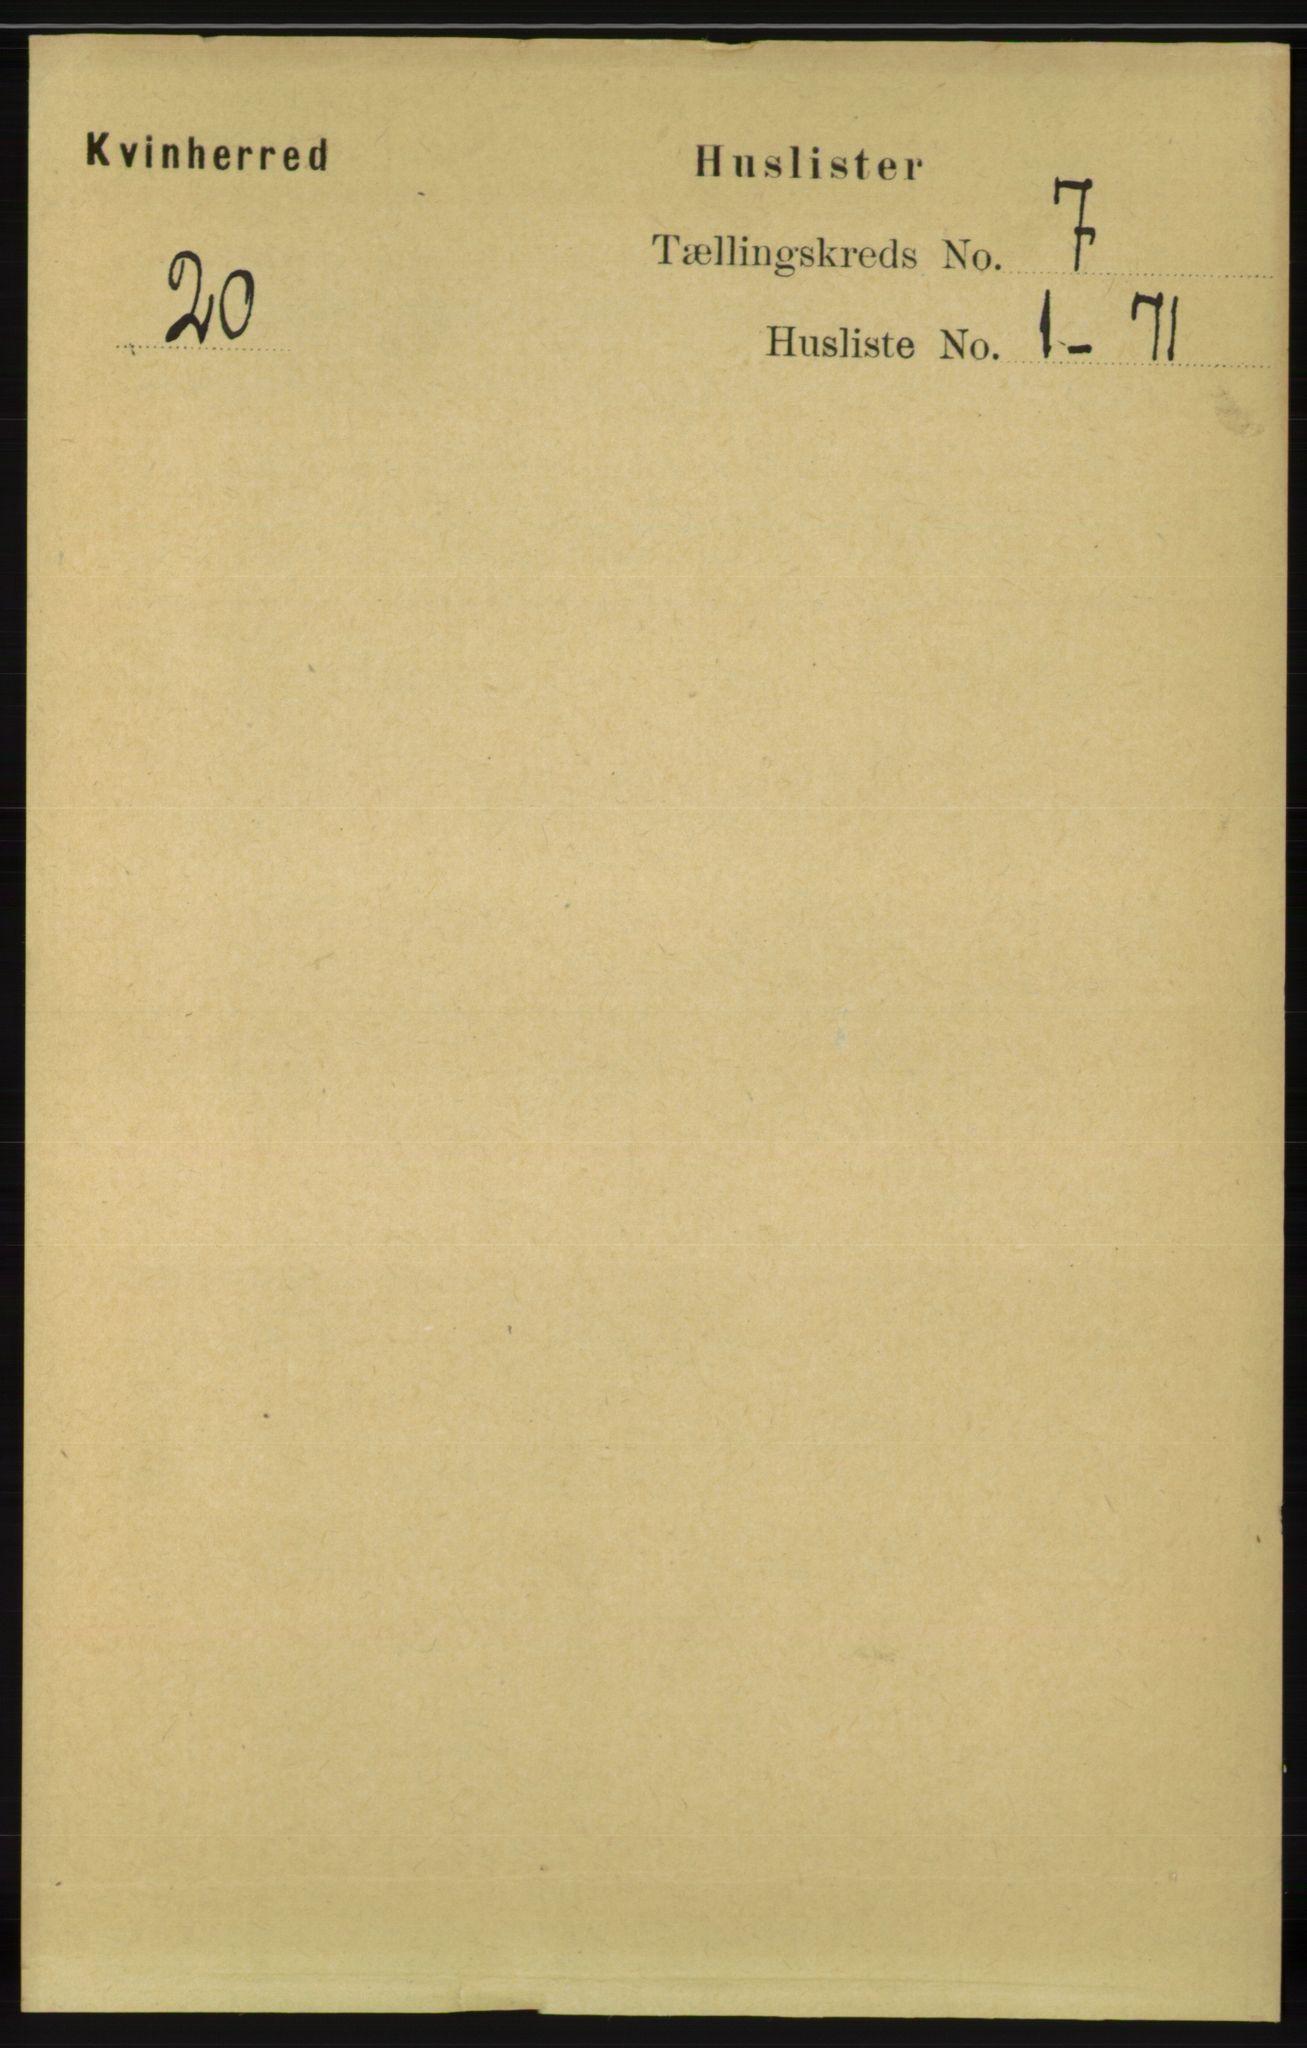 RA, Folketelling 1891 for 1224 Kvinnherad herred, 1891, s. 2375